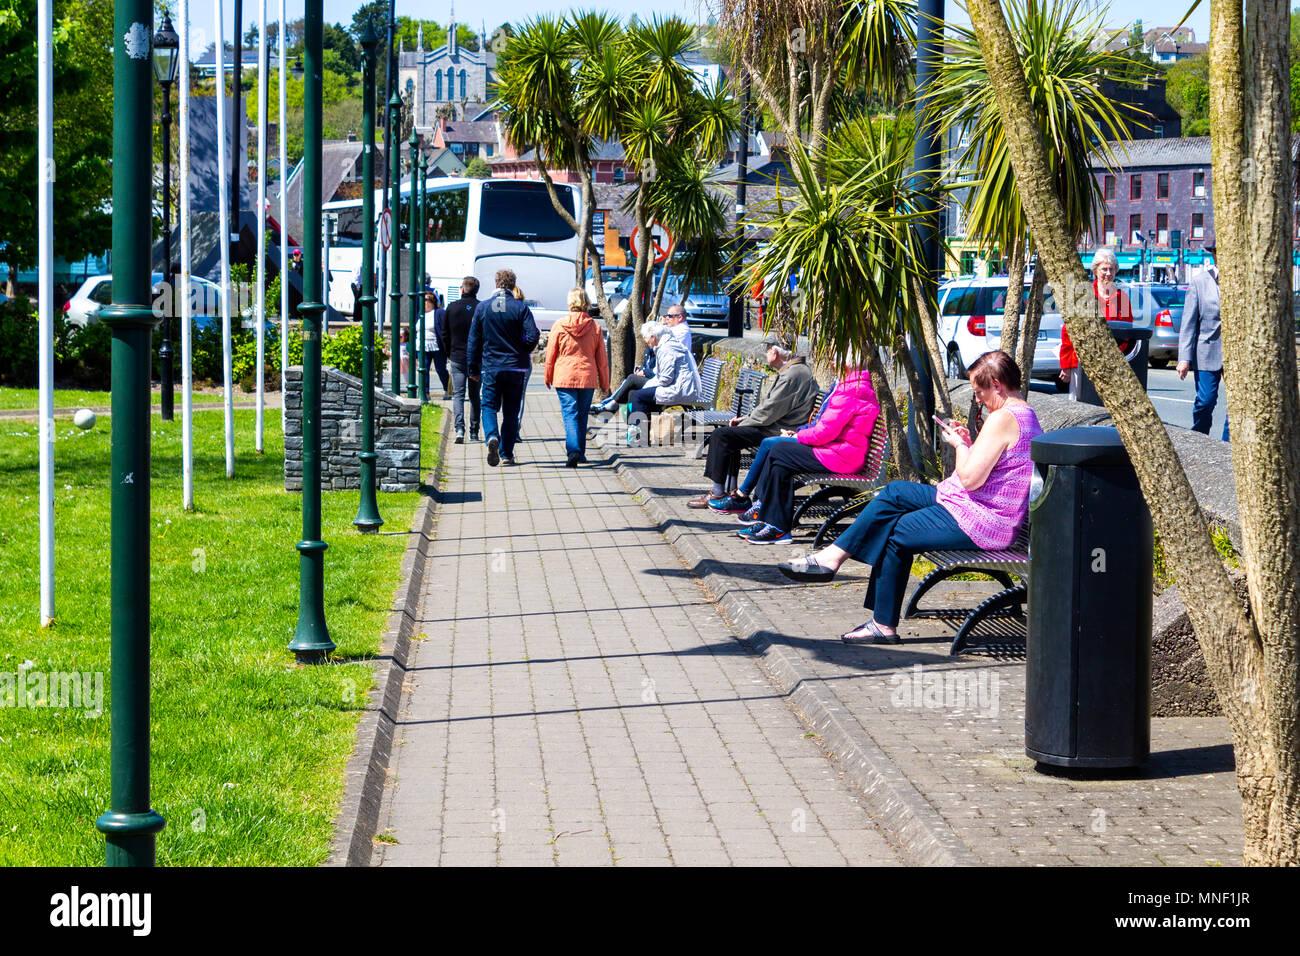 Touristen genießen den Sonnenschein in Kinsale Irland, einem beliebten Urlaubsziel. Stockbild